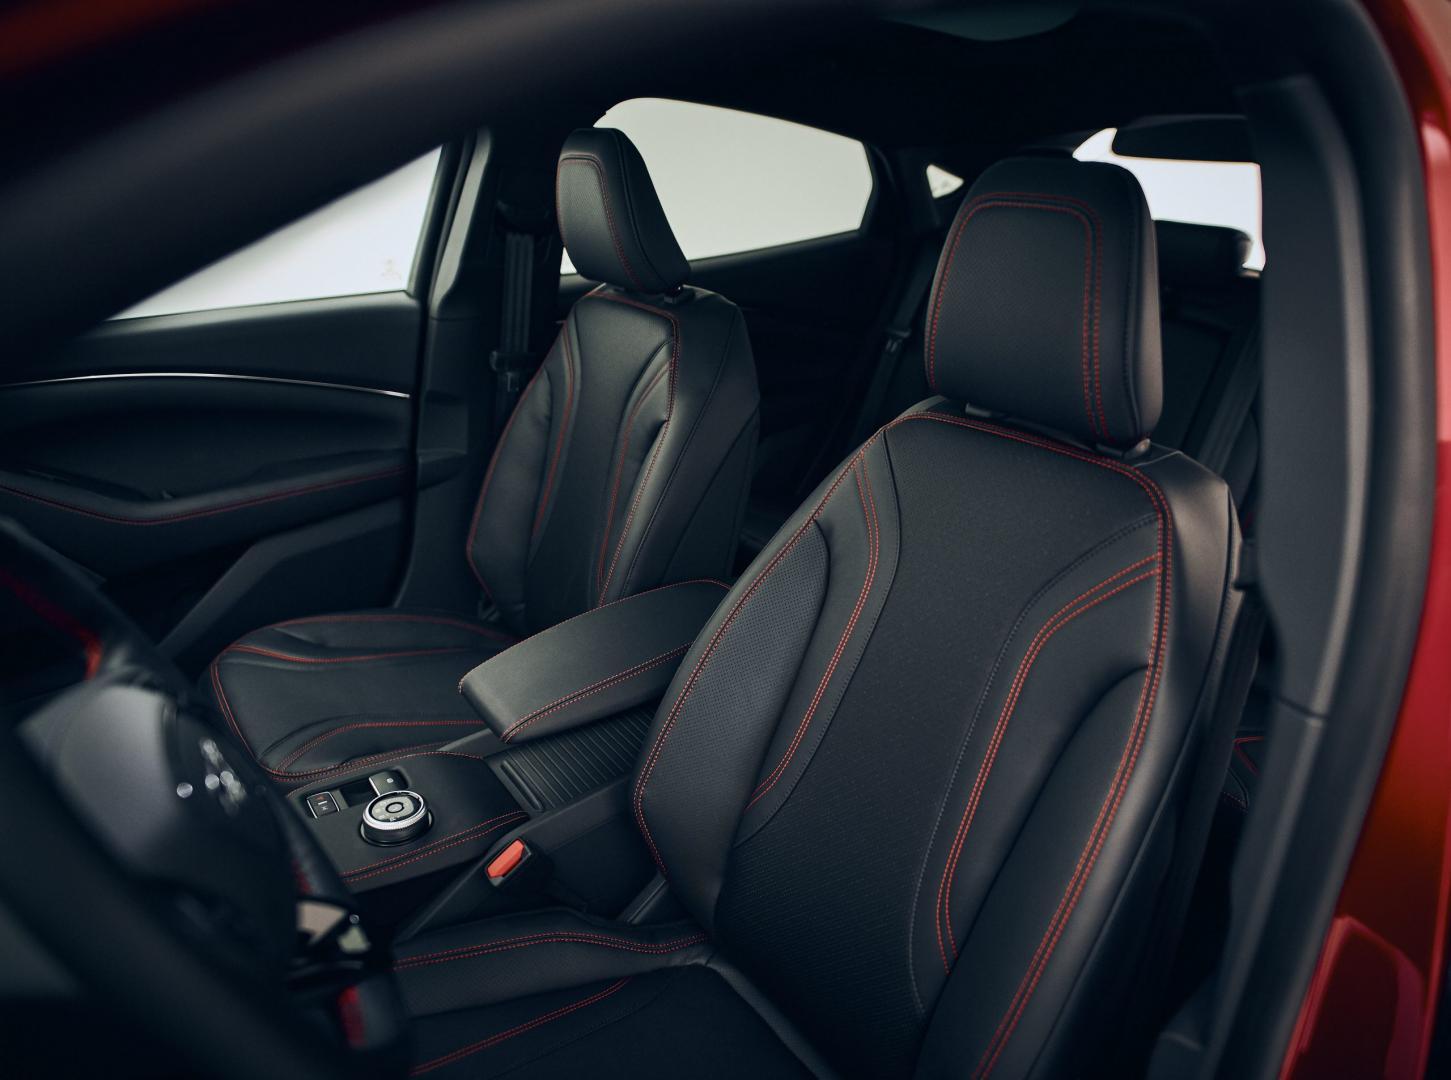 Stoelen Ford Mustang Mach-e AWD Extended Range